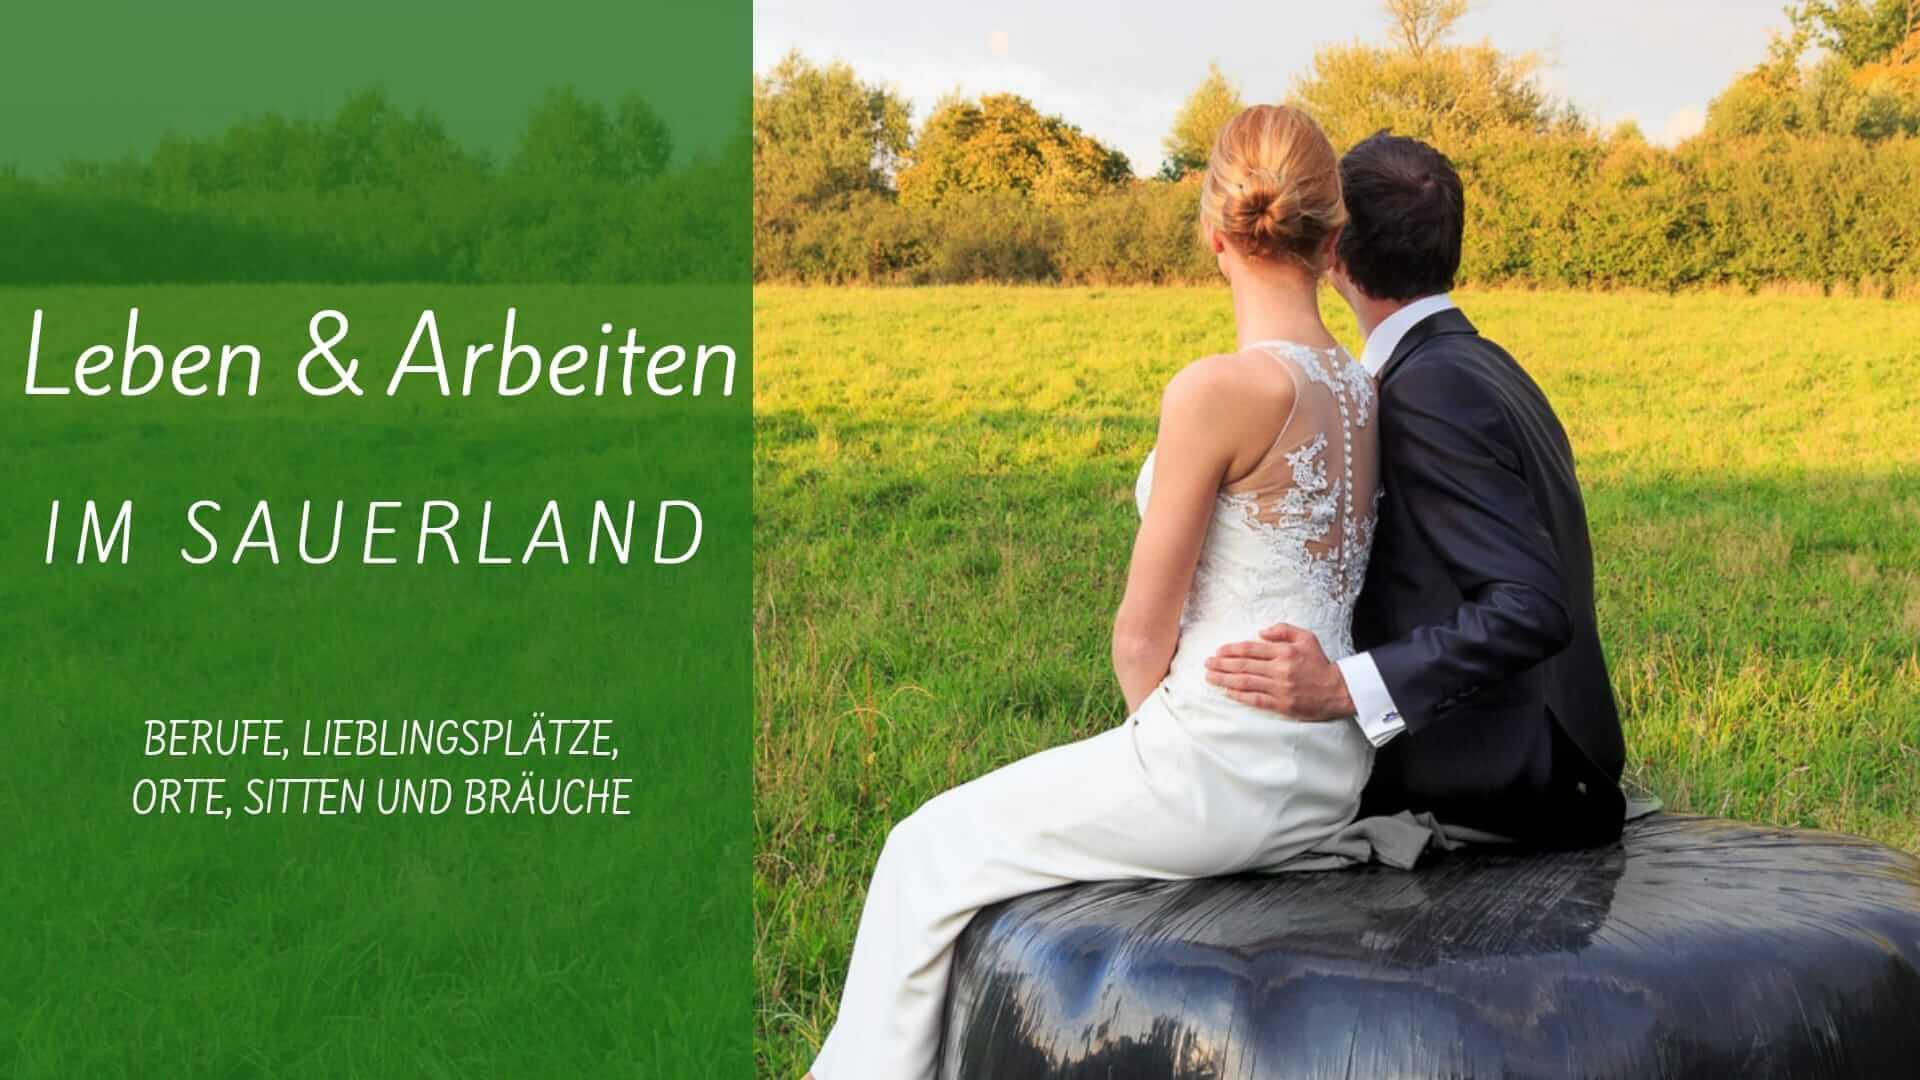 Interessantes über das Arbeiten und Leben im Sauerland